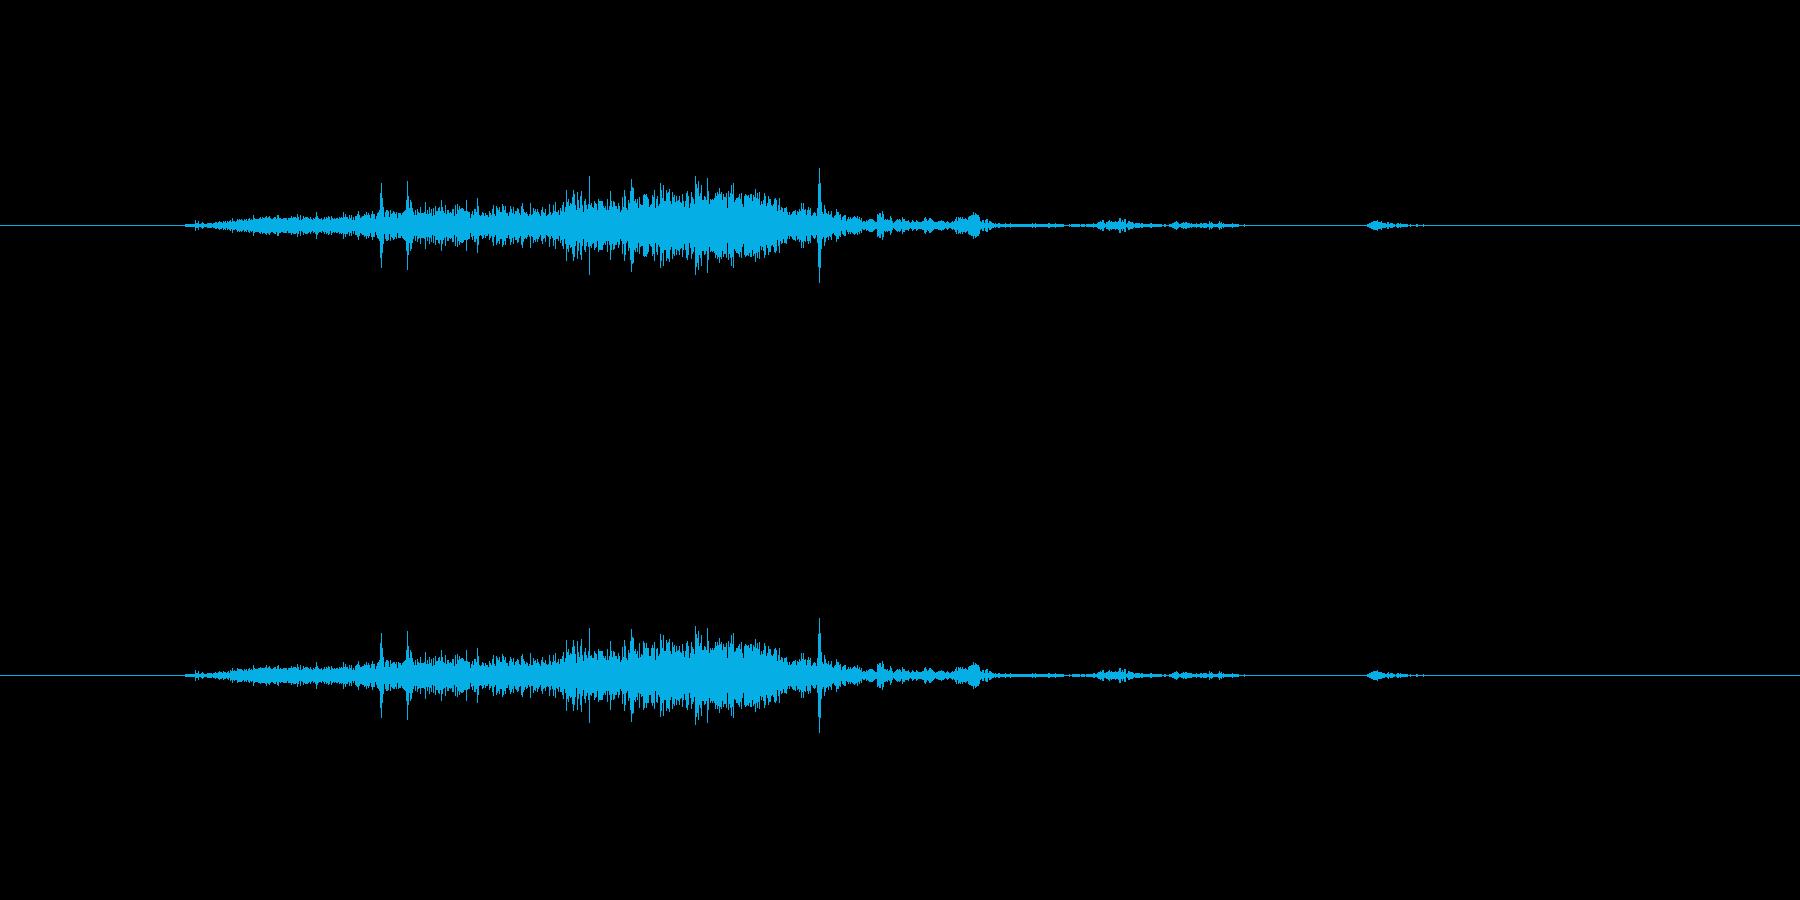 【雑誌01-1(めくる)】の再生済みの波形